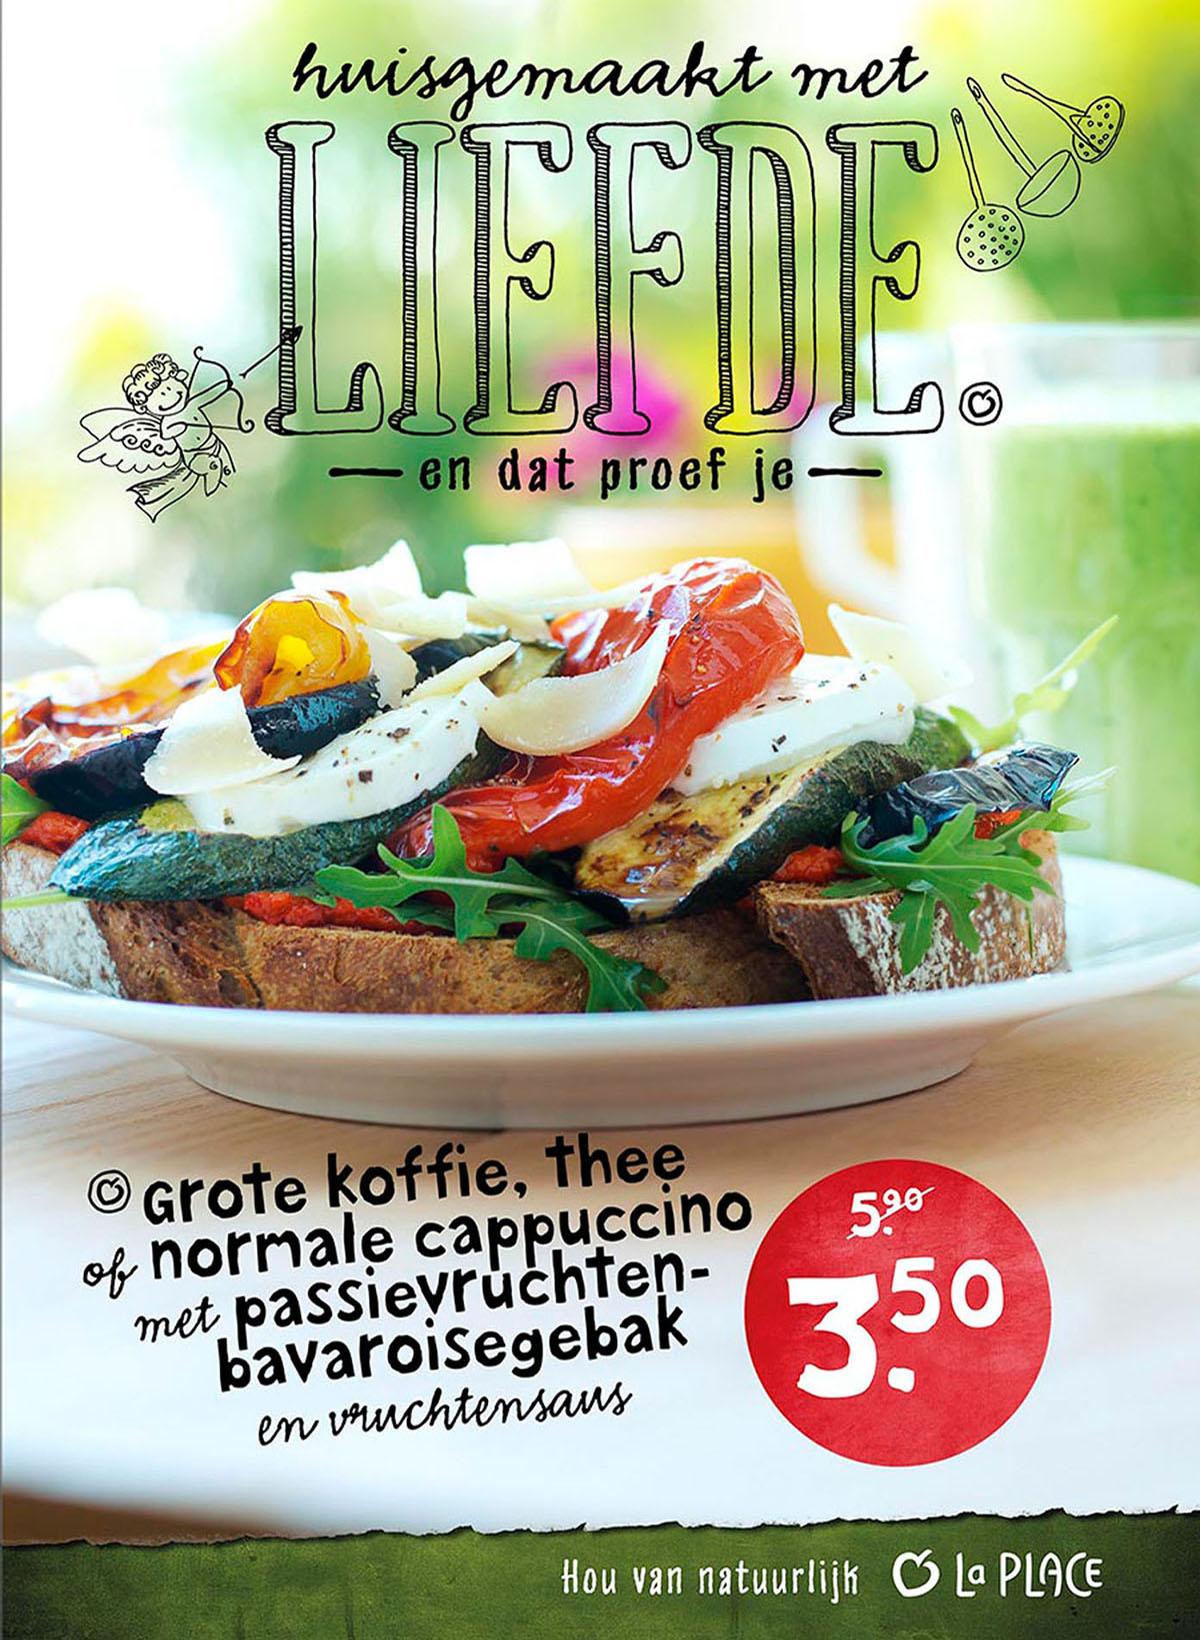 Food fotografie van een Bruscietta Sandwich uit La Place gemaakt door Studio_m Fotografie Amsterdam